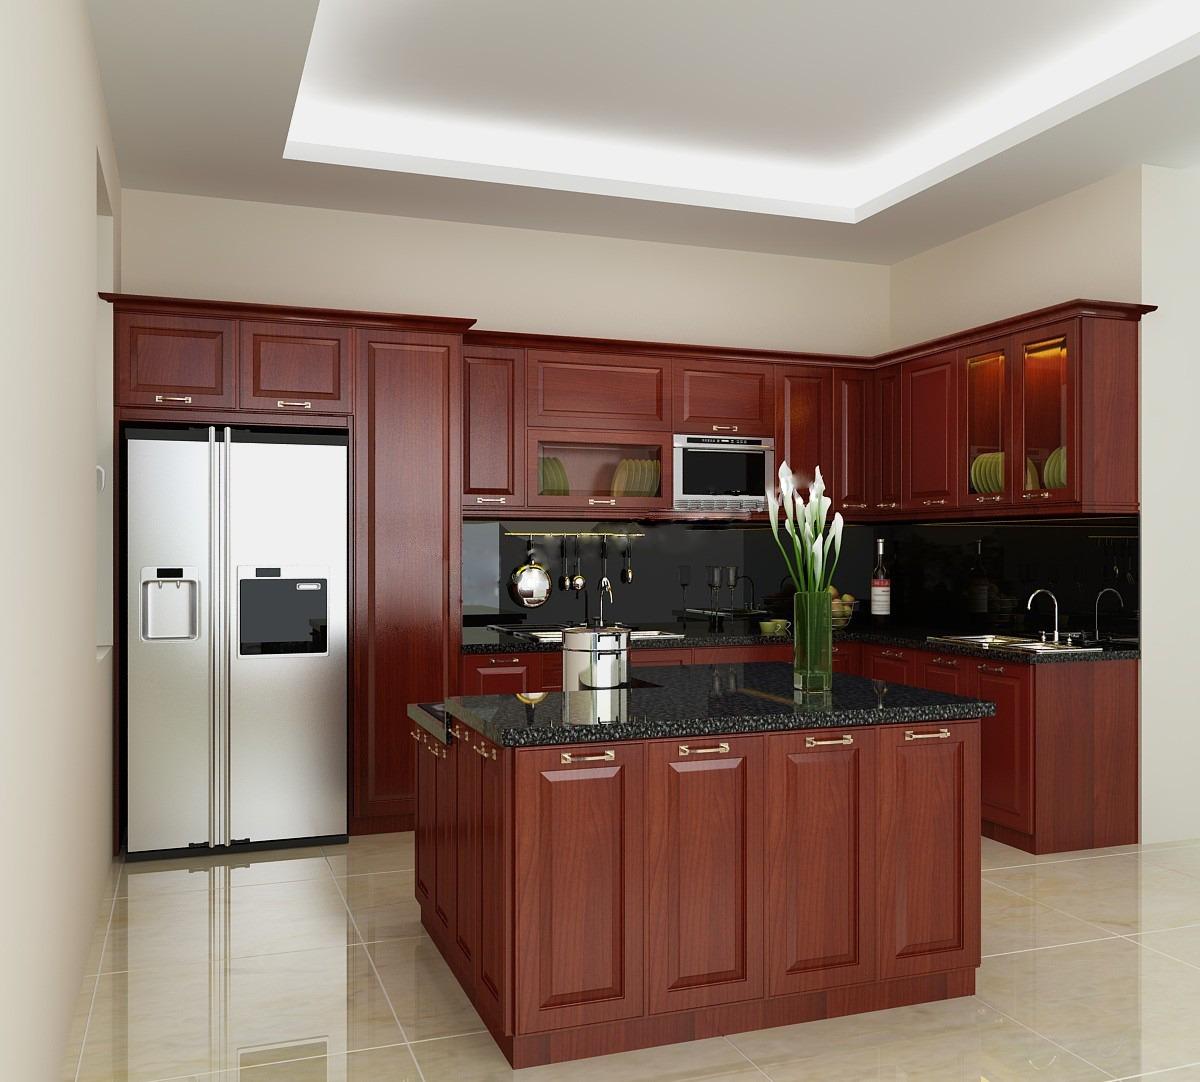 Muebles de cocina modernos y clasicos para elaboraci n u s 99 99 en mercado libre - Muebles de cocina clasicos ...